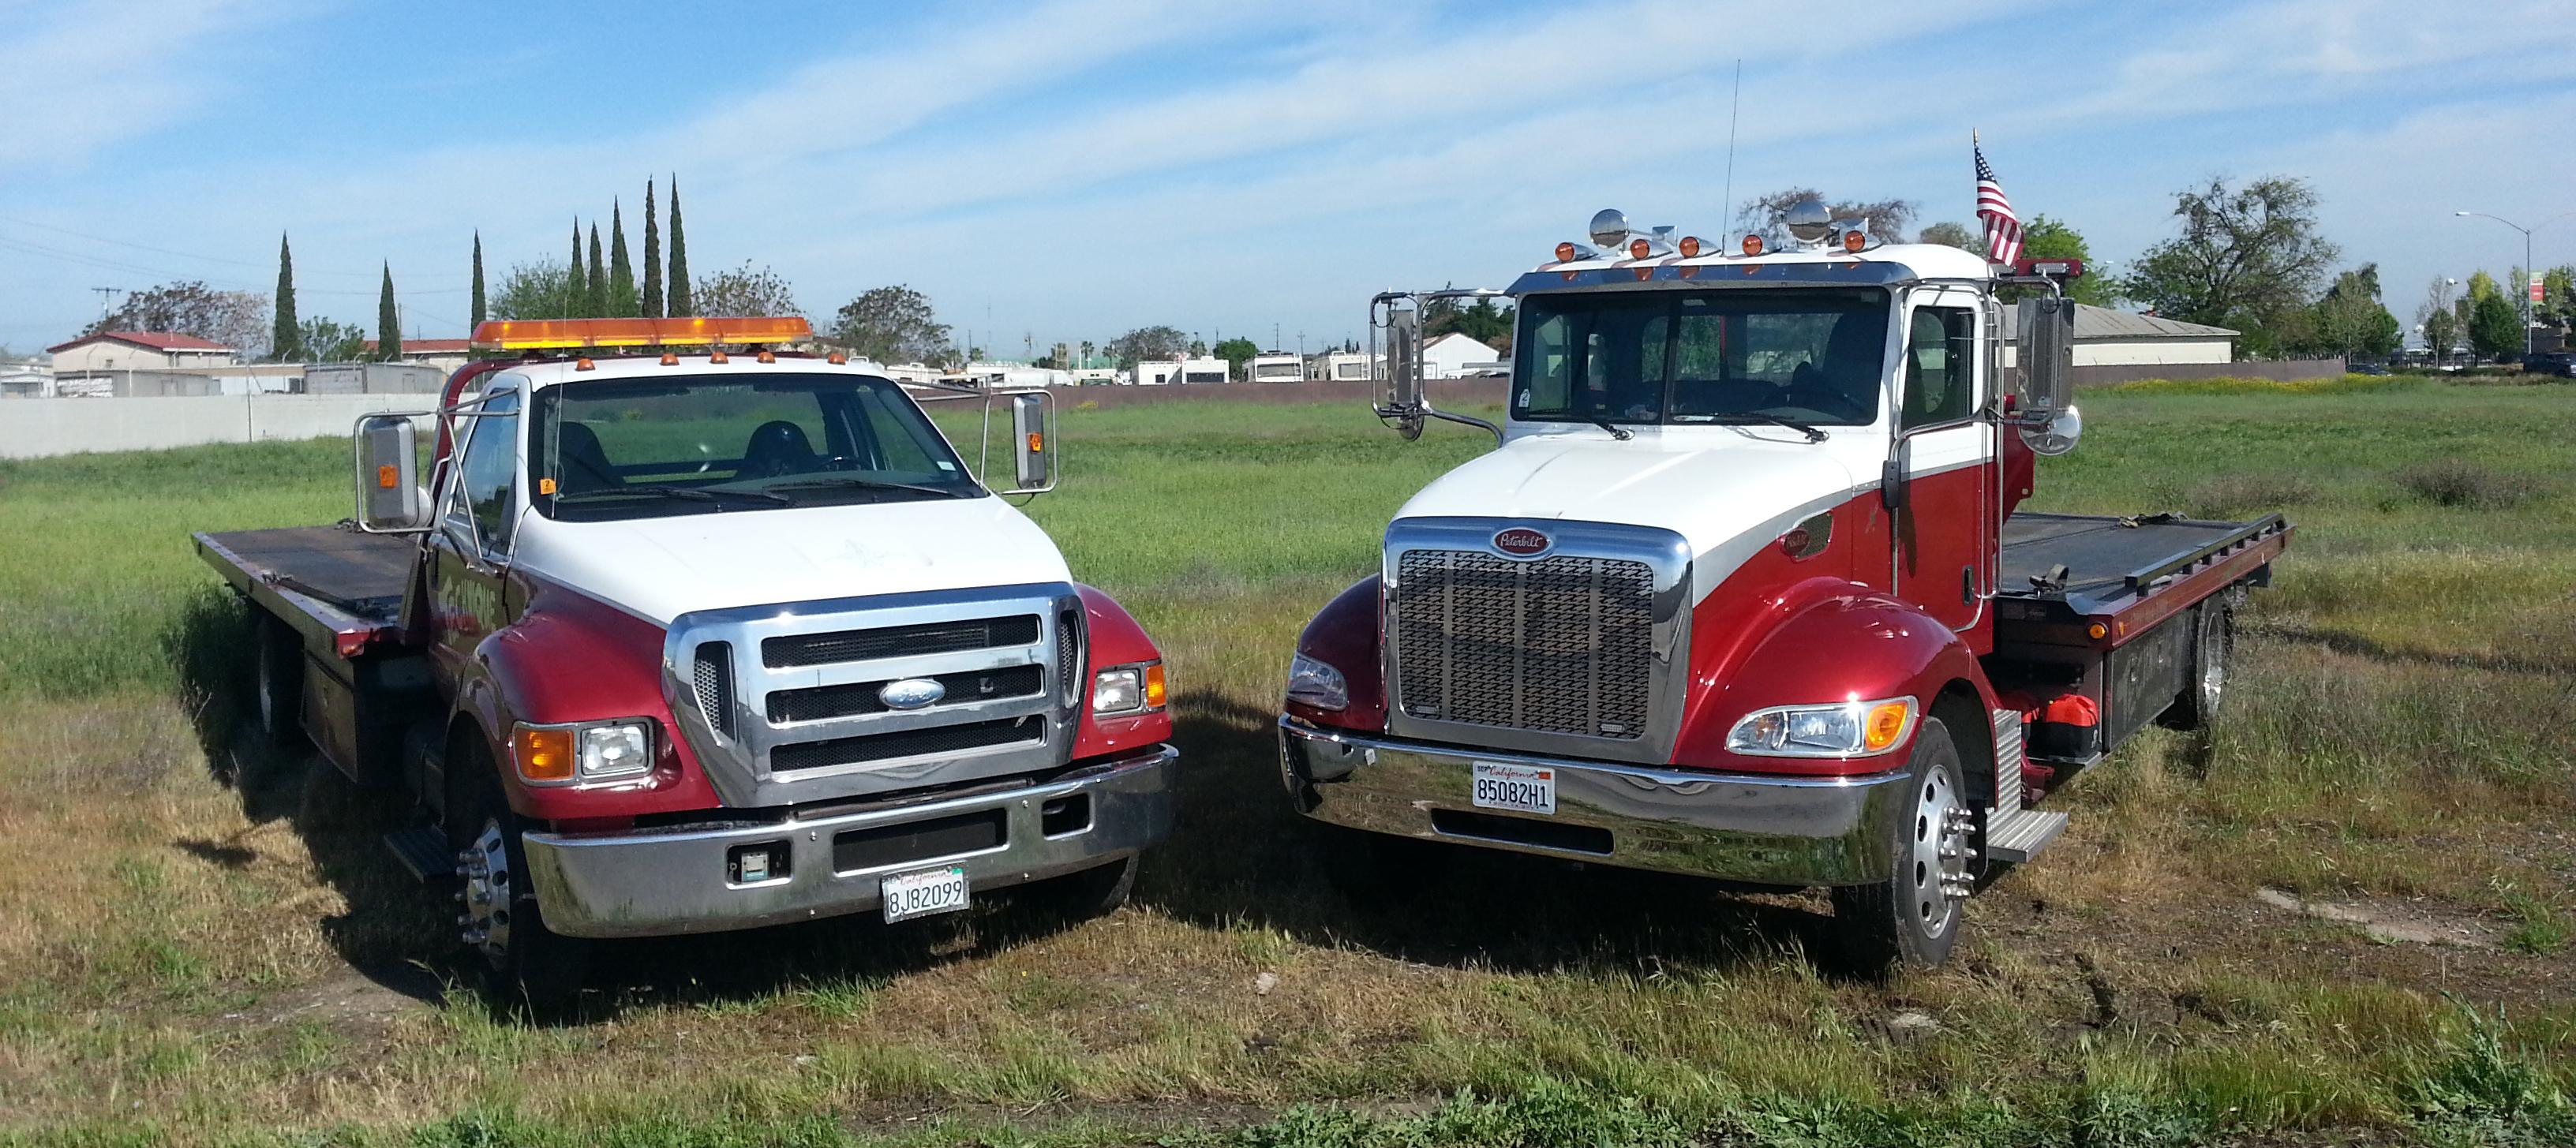 Tow Truck Stockton Ca >> 24 Hour Towing Roadside Service In Stockton Ca